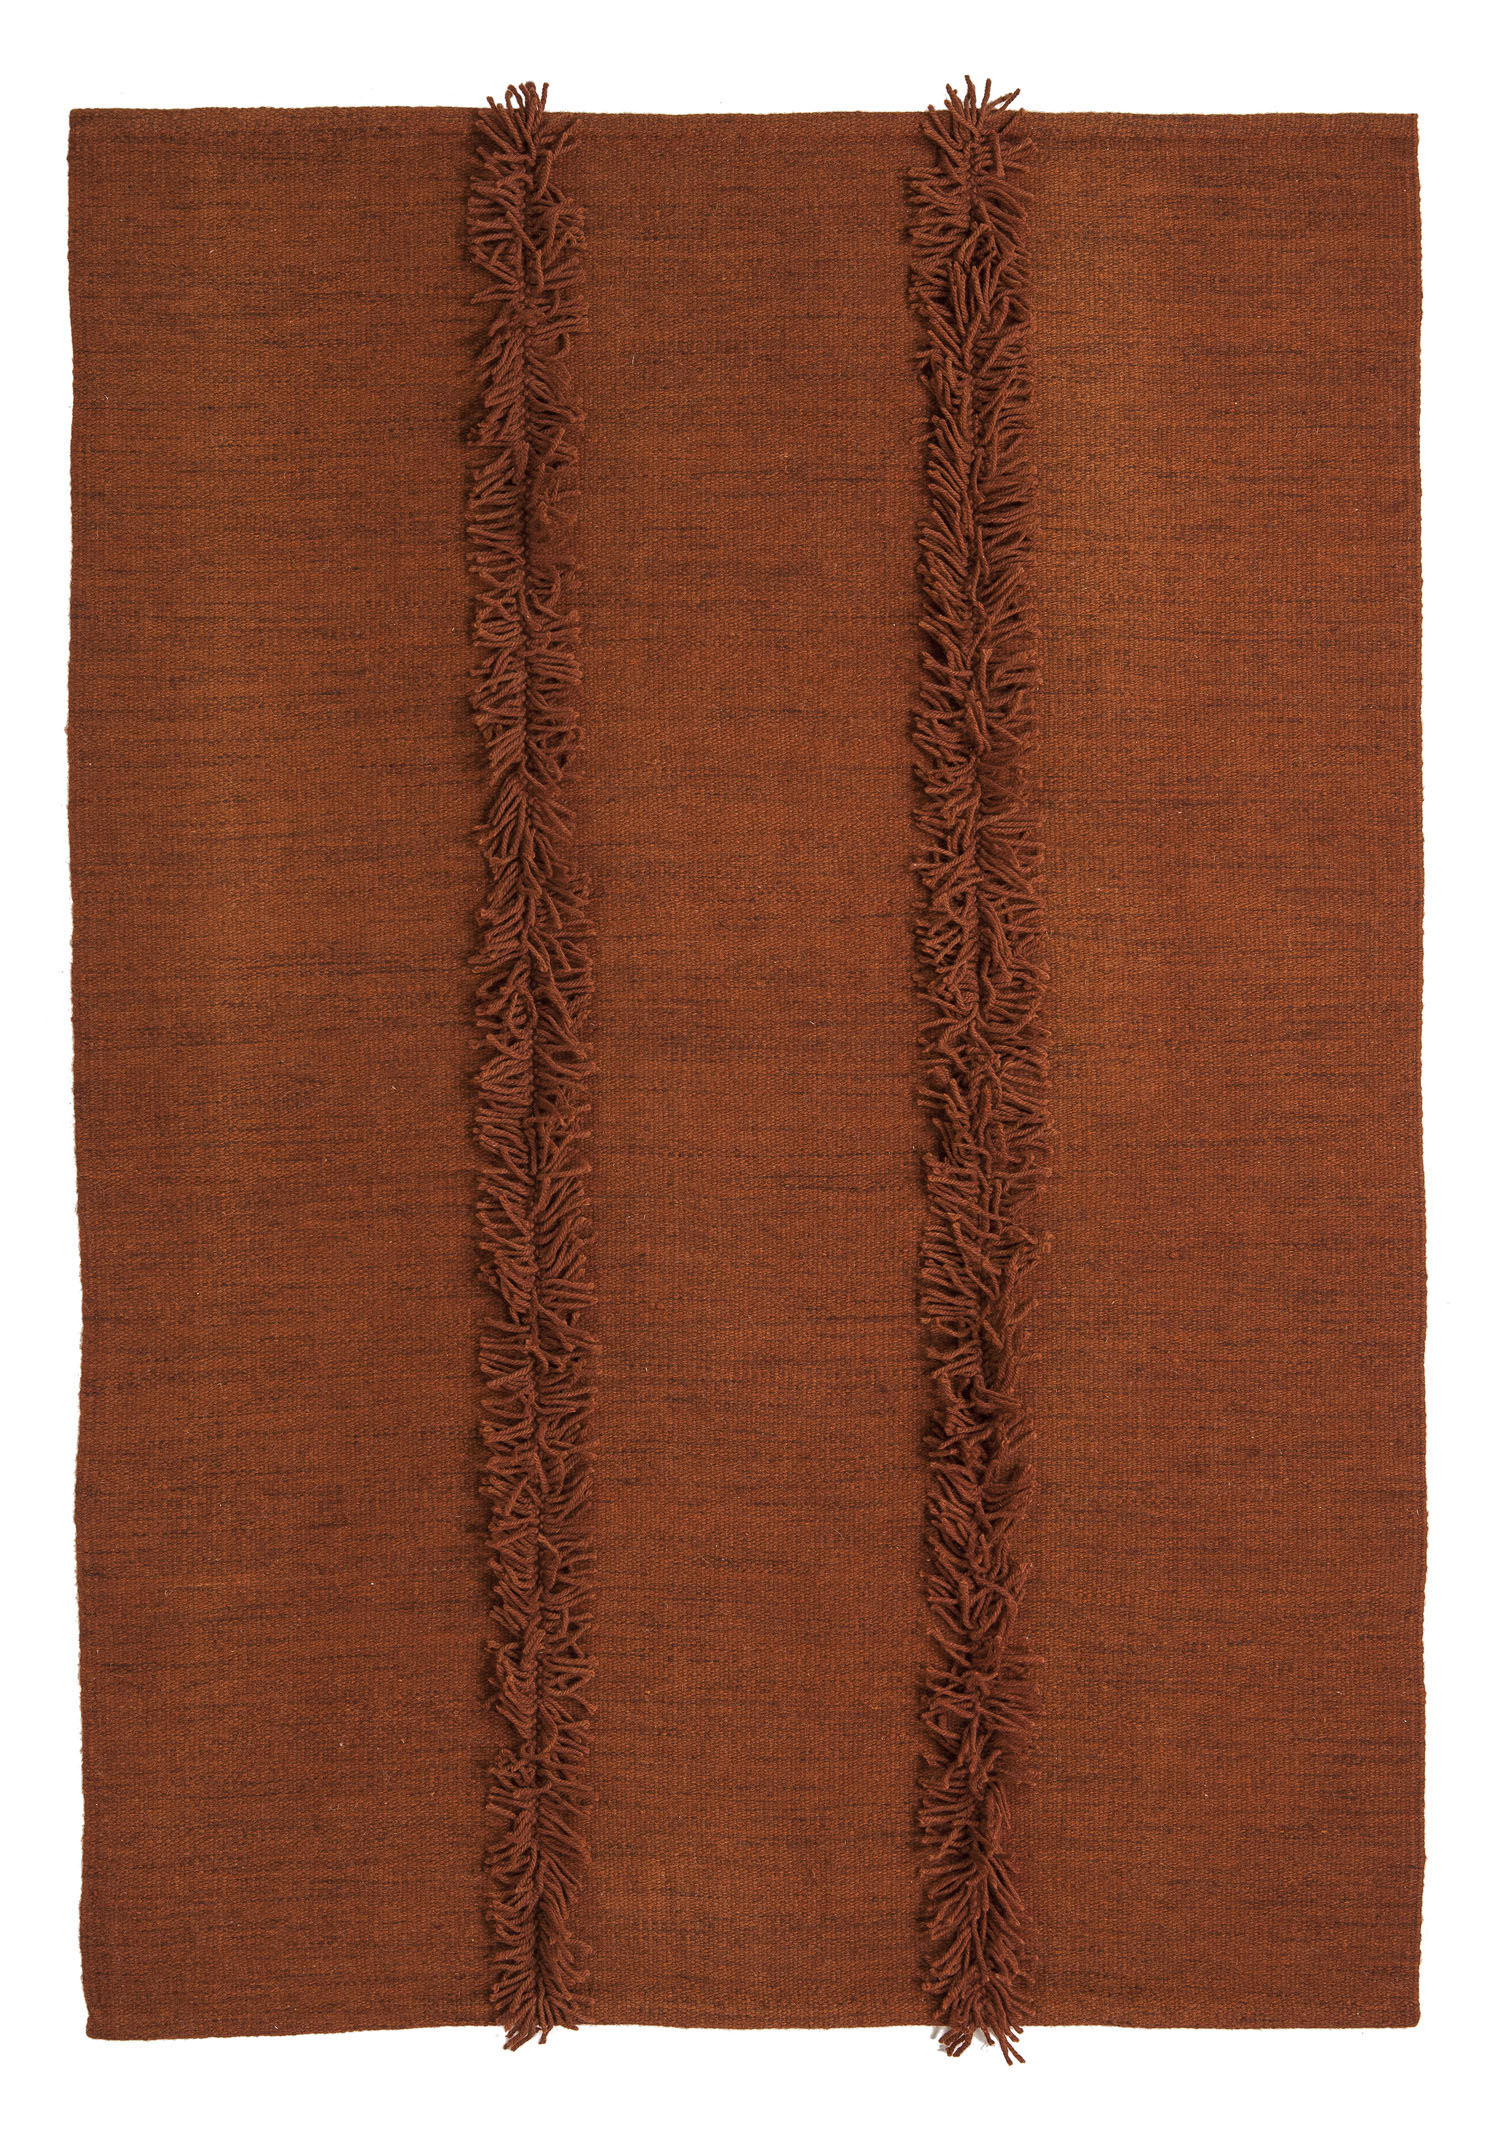 Déco - Tapis - Tapis Mia / 170 x 240 cm - Nanimarquina - Rouille - Laine de Nouvelle-Zélande